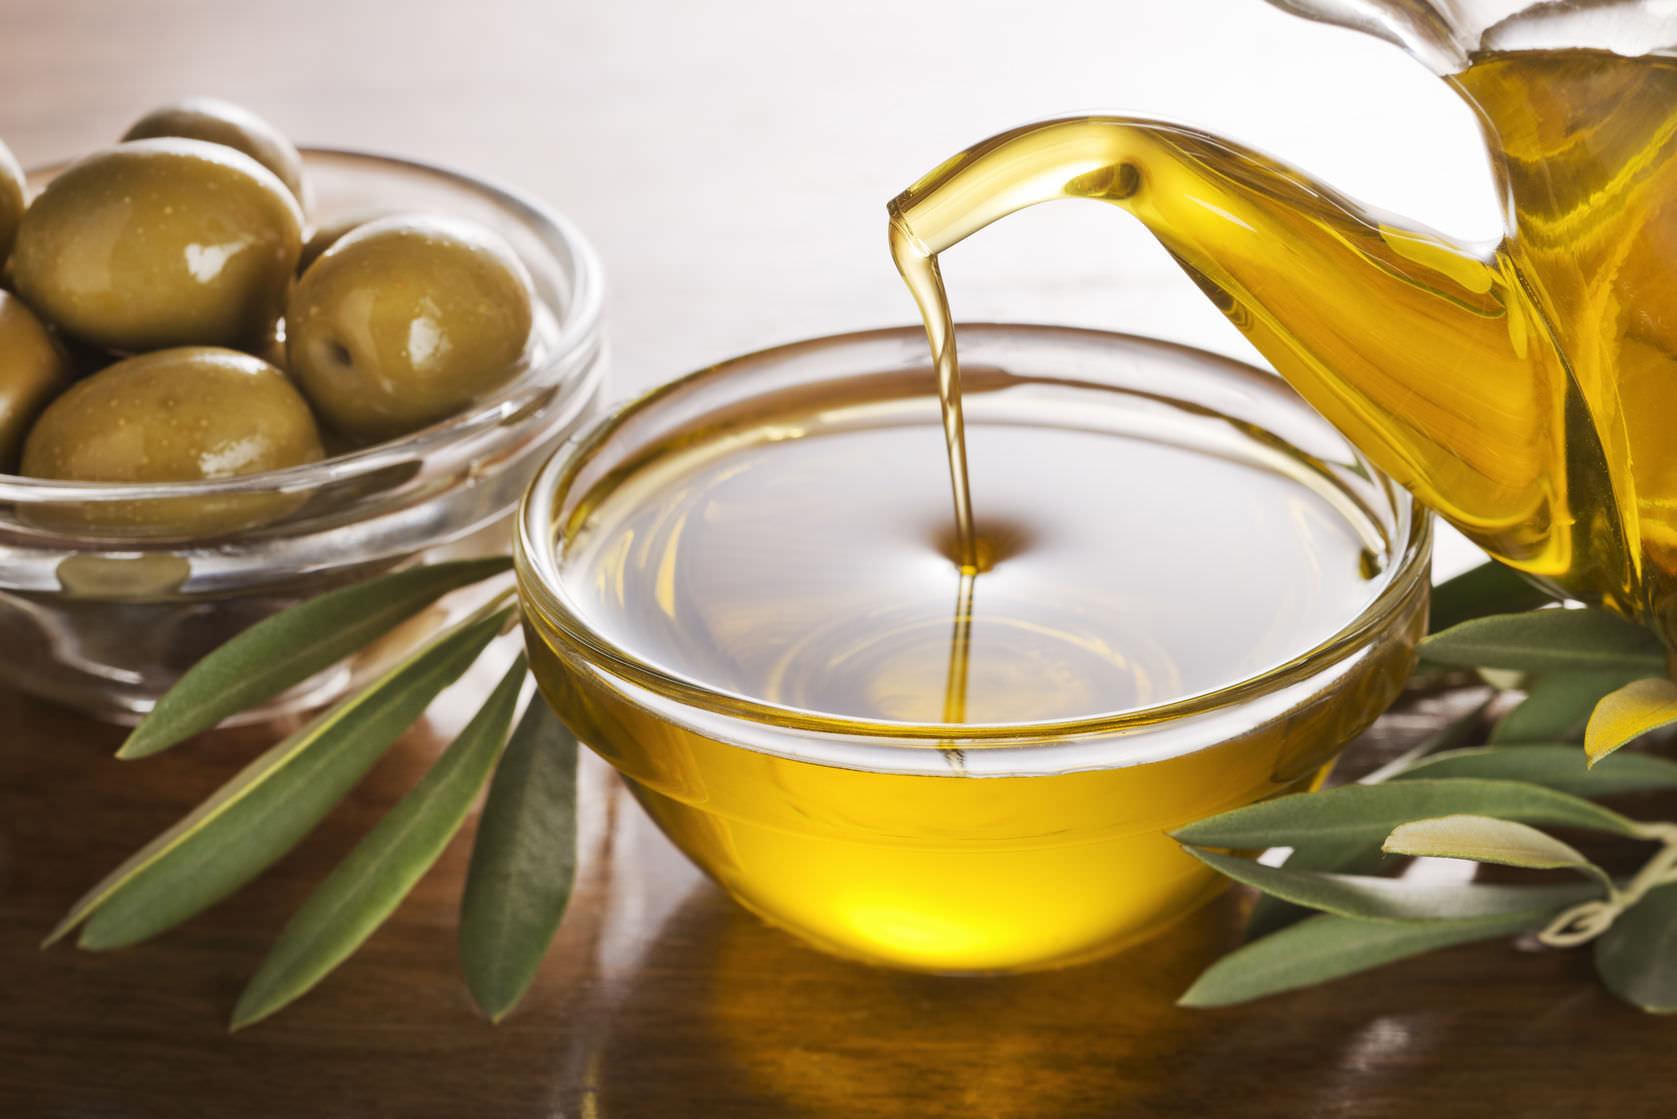 ماذا يحدث لزيت الزيتون بعد المعالجة الحرارية ؟ - البيان الصحي ...